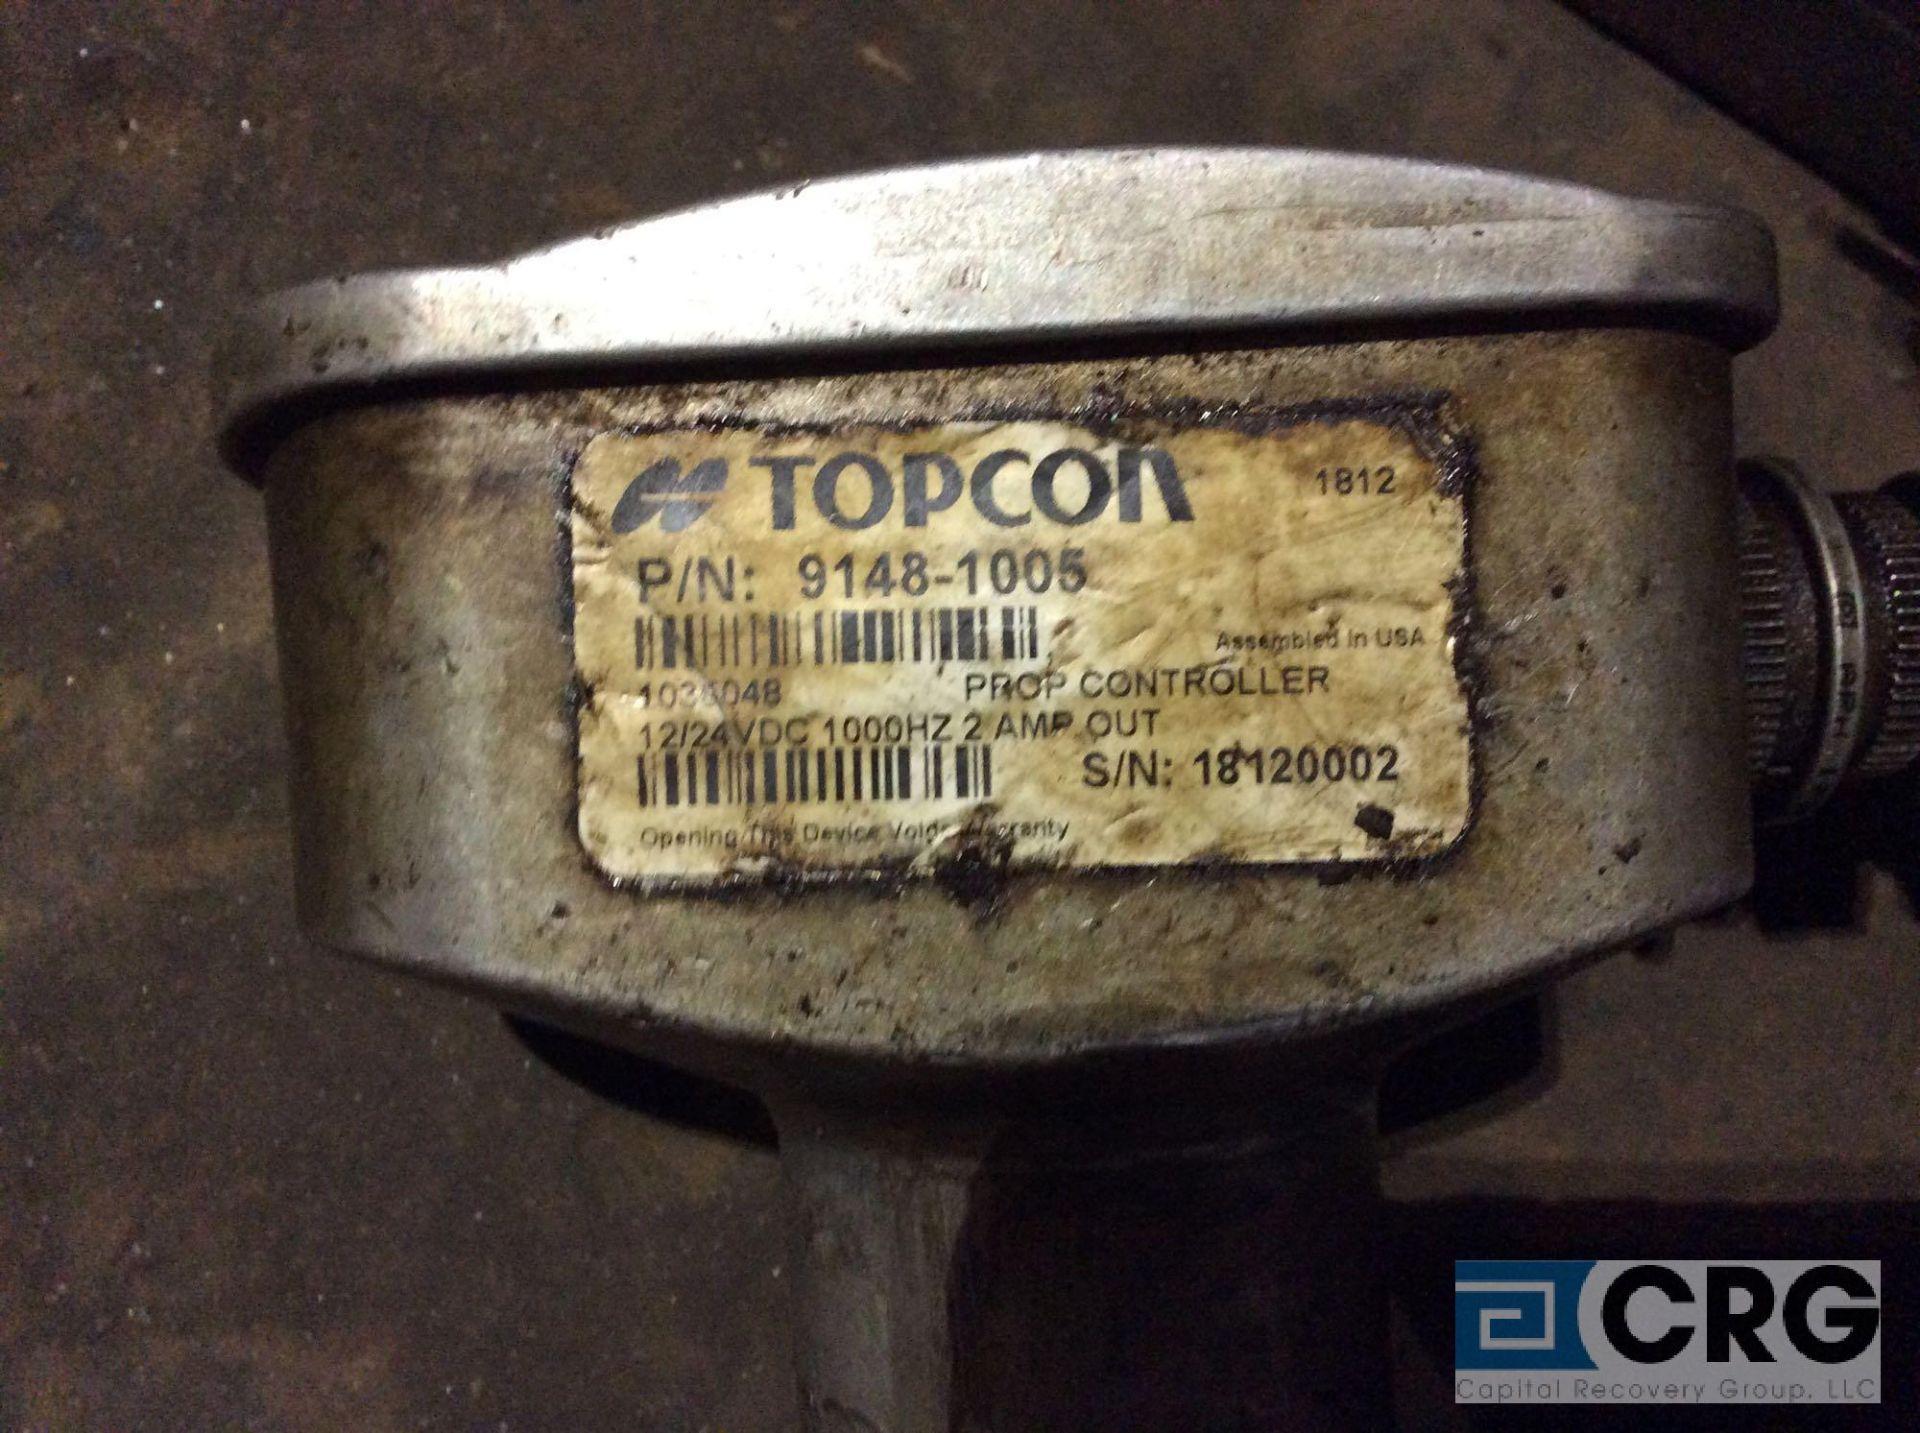 Lot 364 - TOP CON 9148-1005 prop control